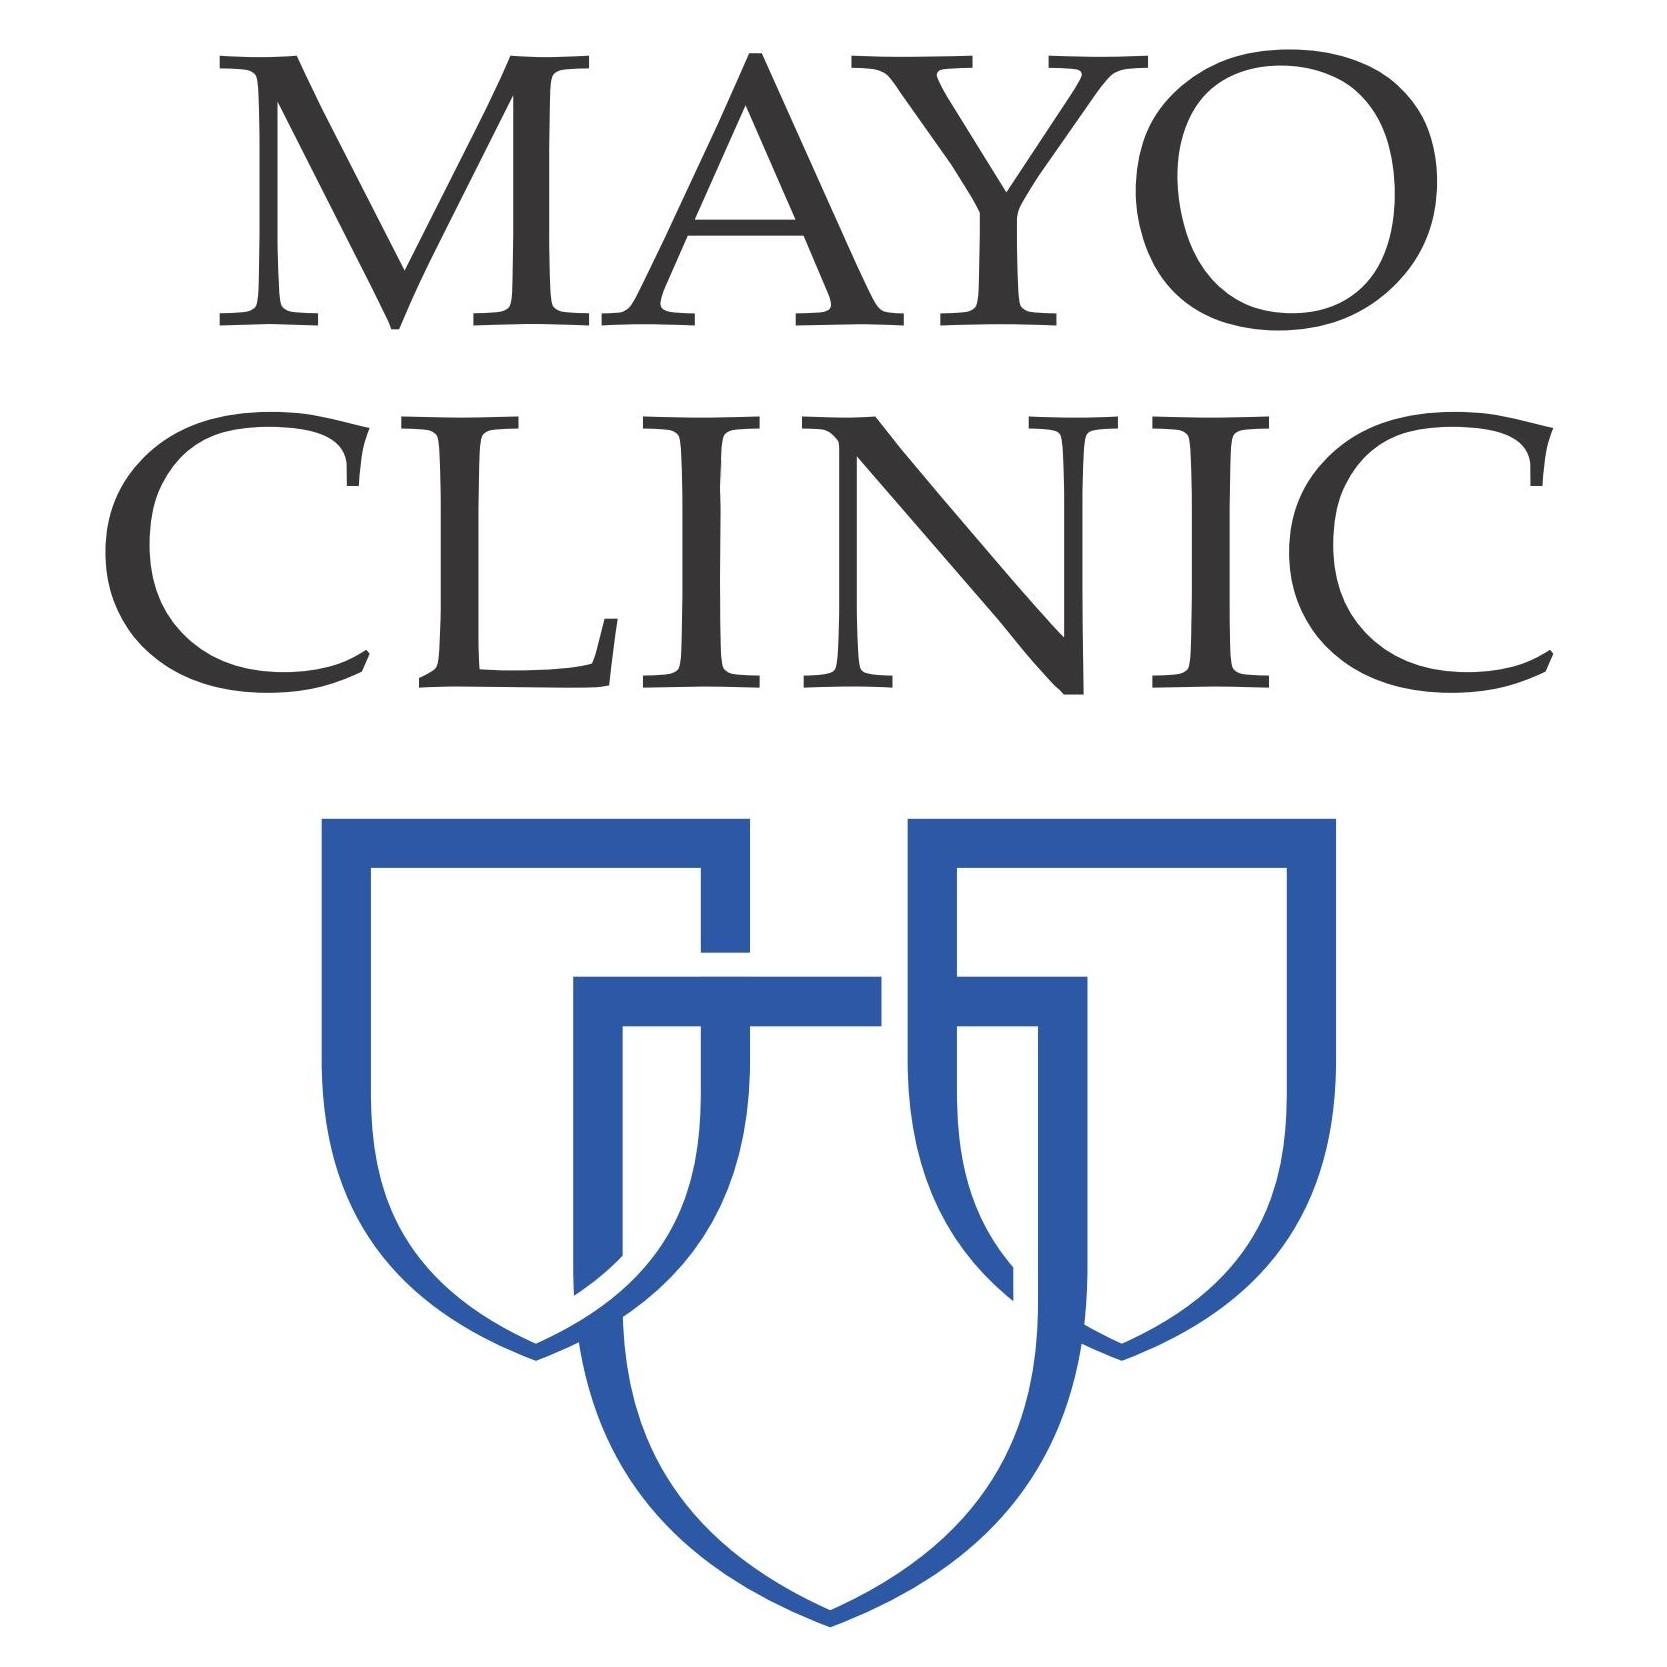 Mayo Clinic Shuttle Tracker